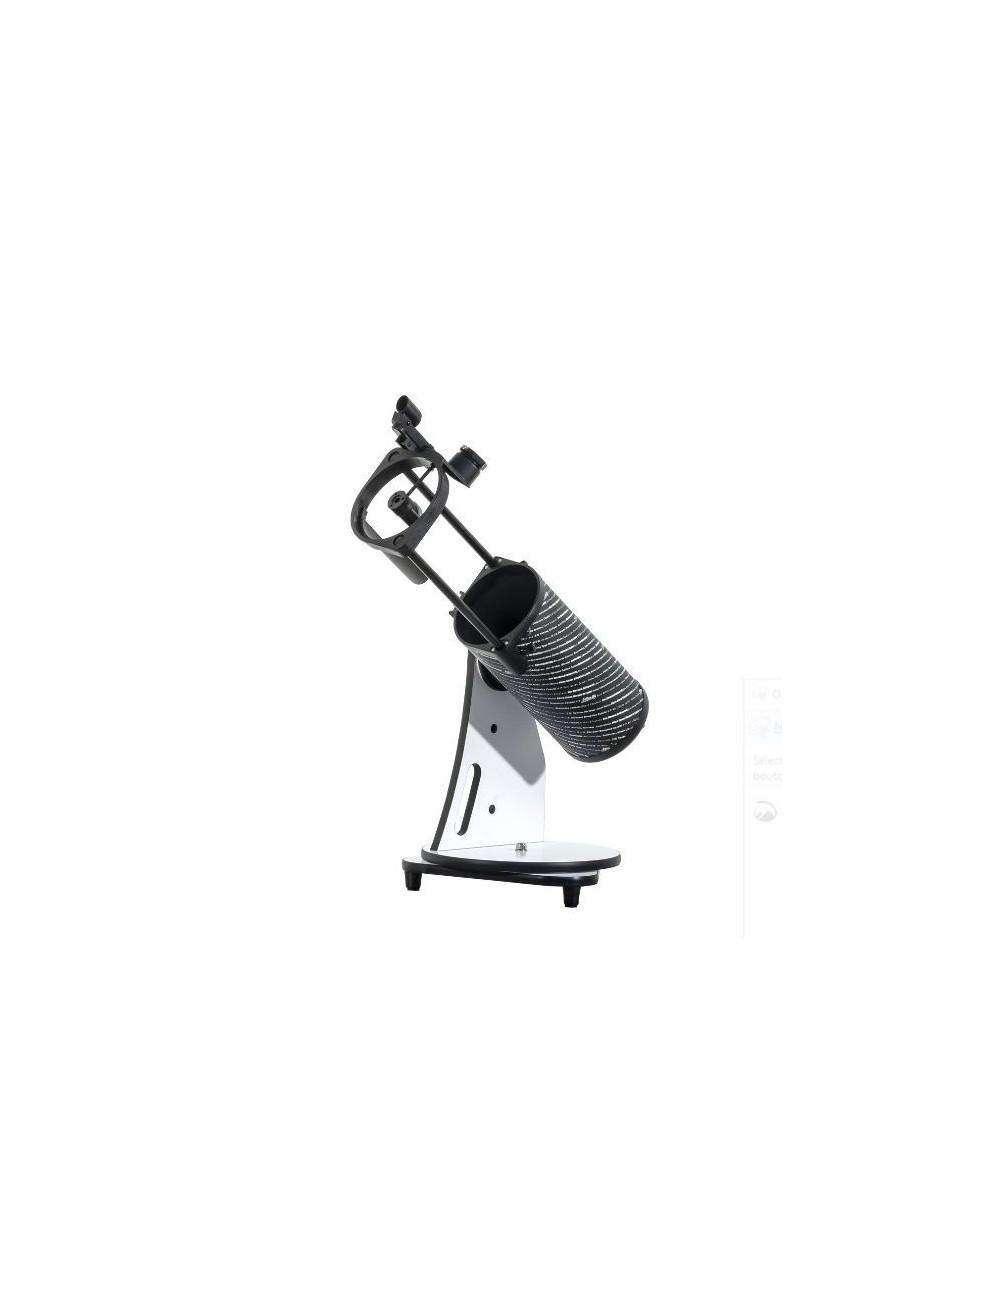 Dobson Flextube Heritage 130/650 Sky-Watcher